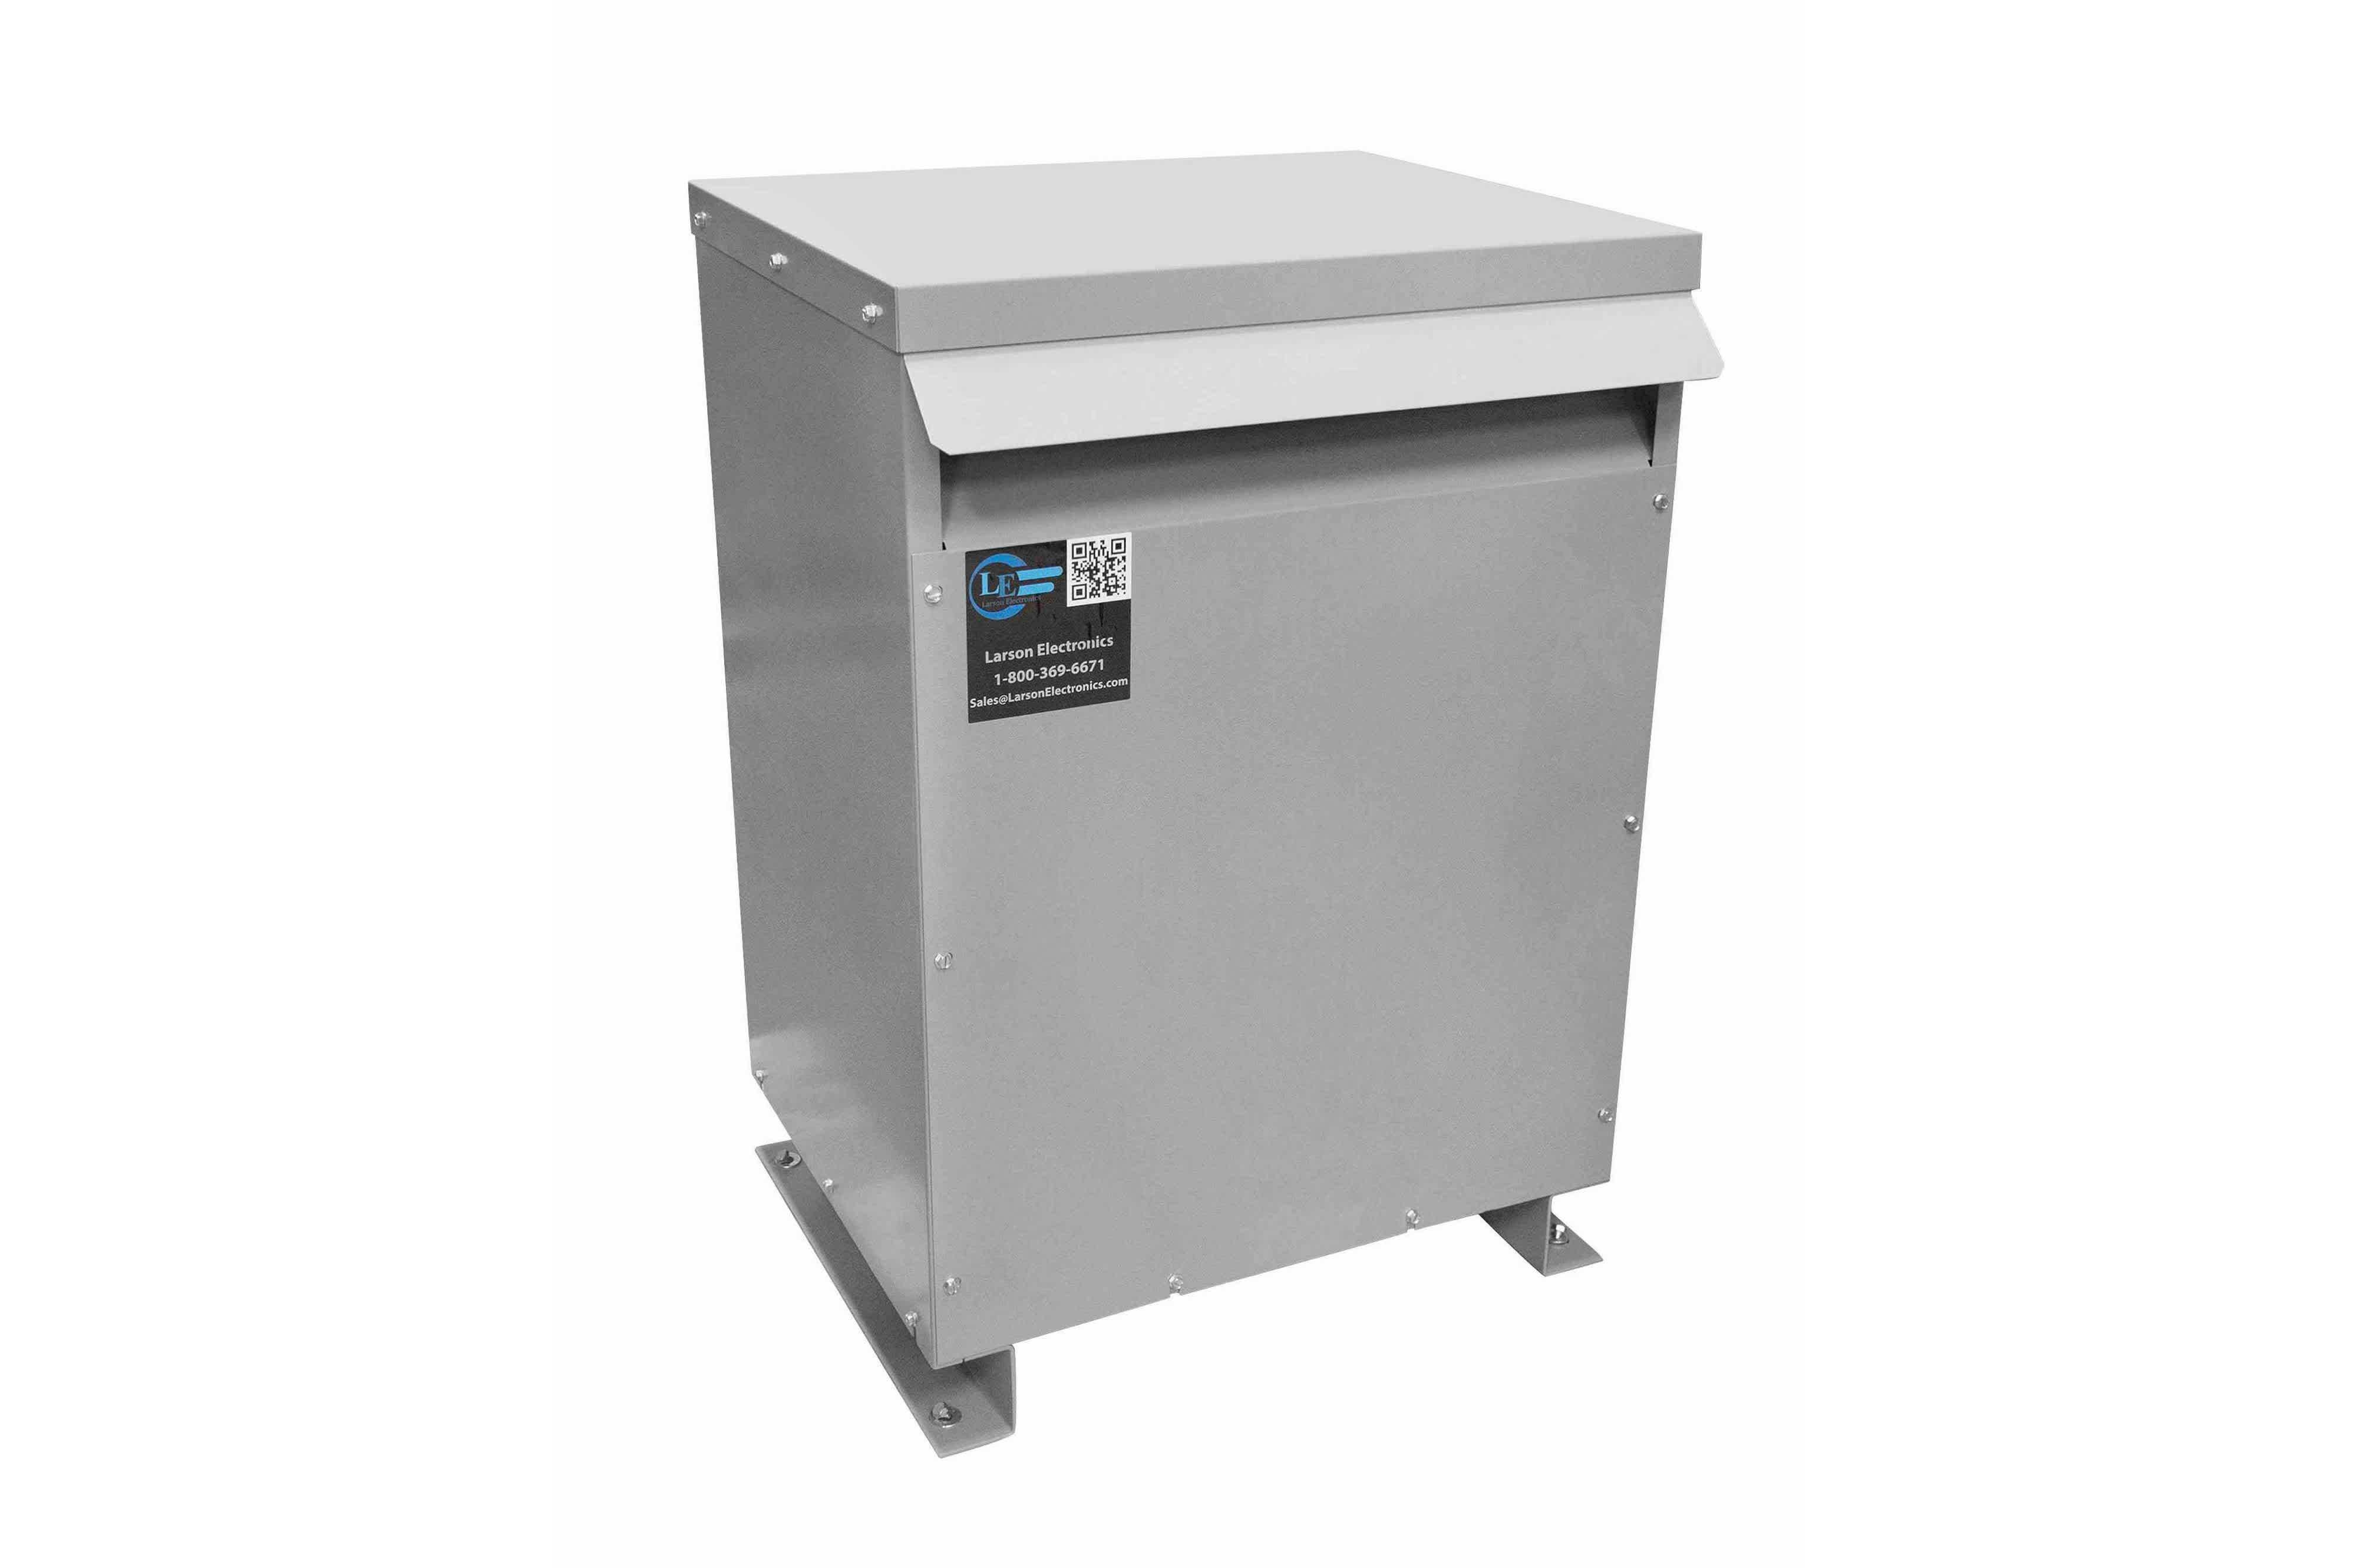 20 kVA 3PH DOE Transformer, 600V Delta Primary, 240V/120 Delta Secondary, N3R, Ventilated, 60 Hz